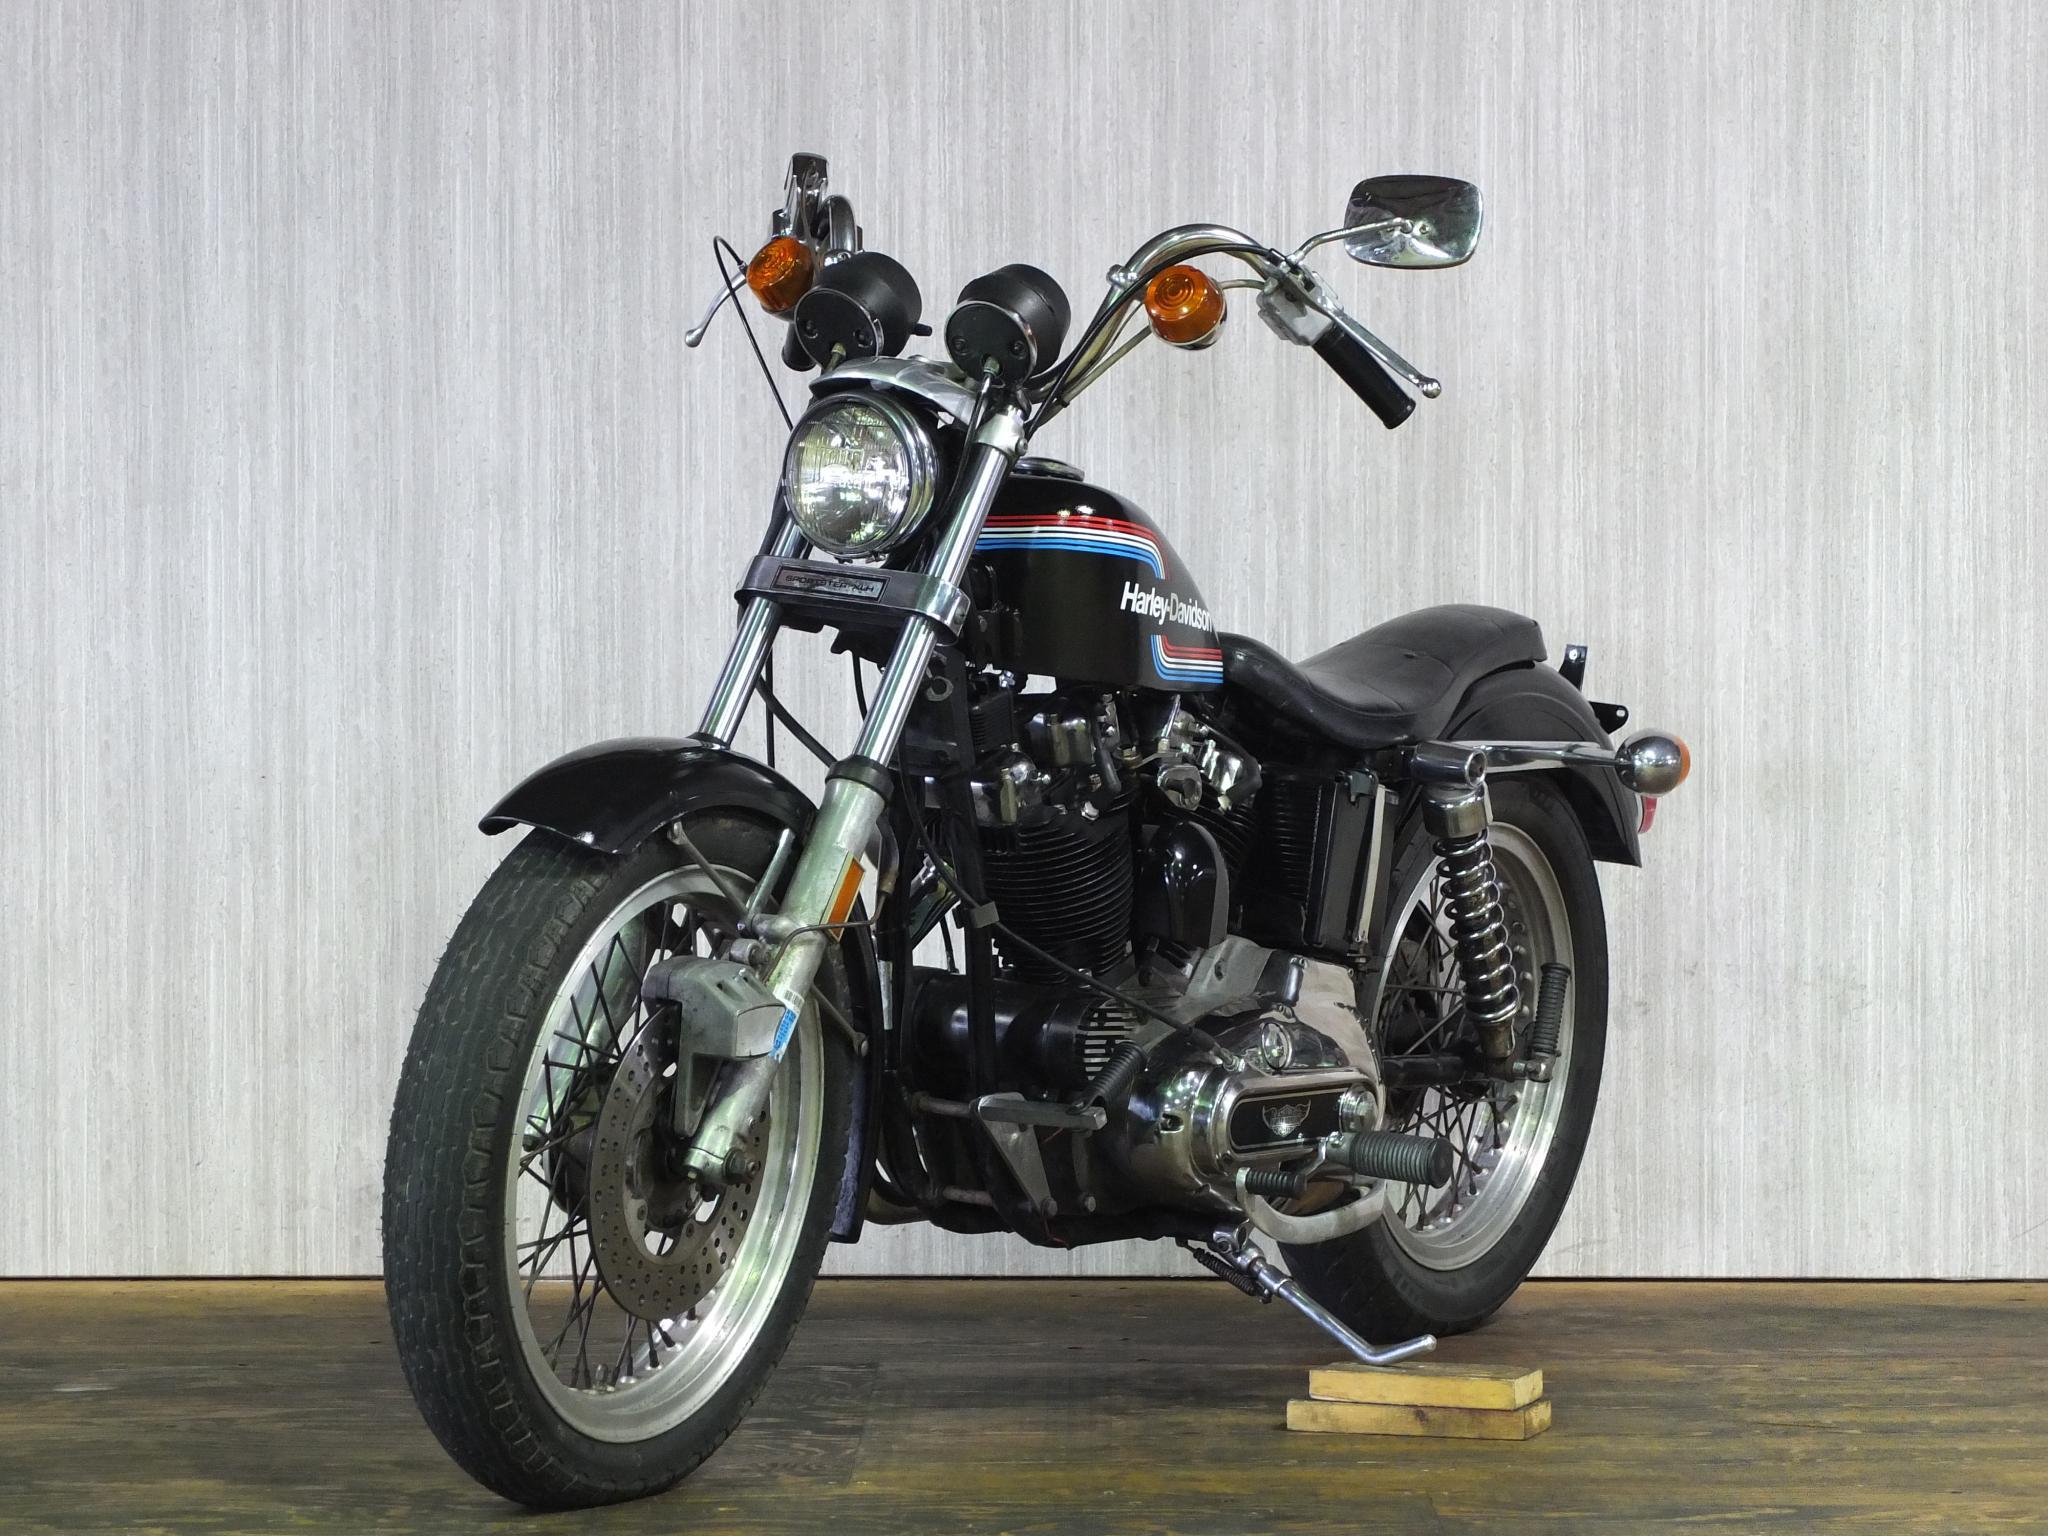 ハーレーダビッドソン 1975 XLH 1000 車体写真5